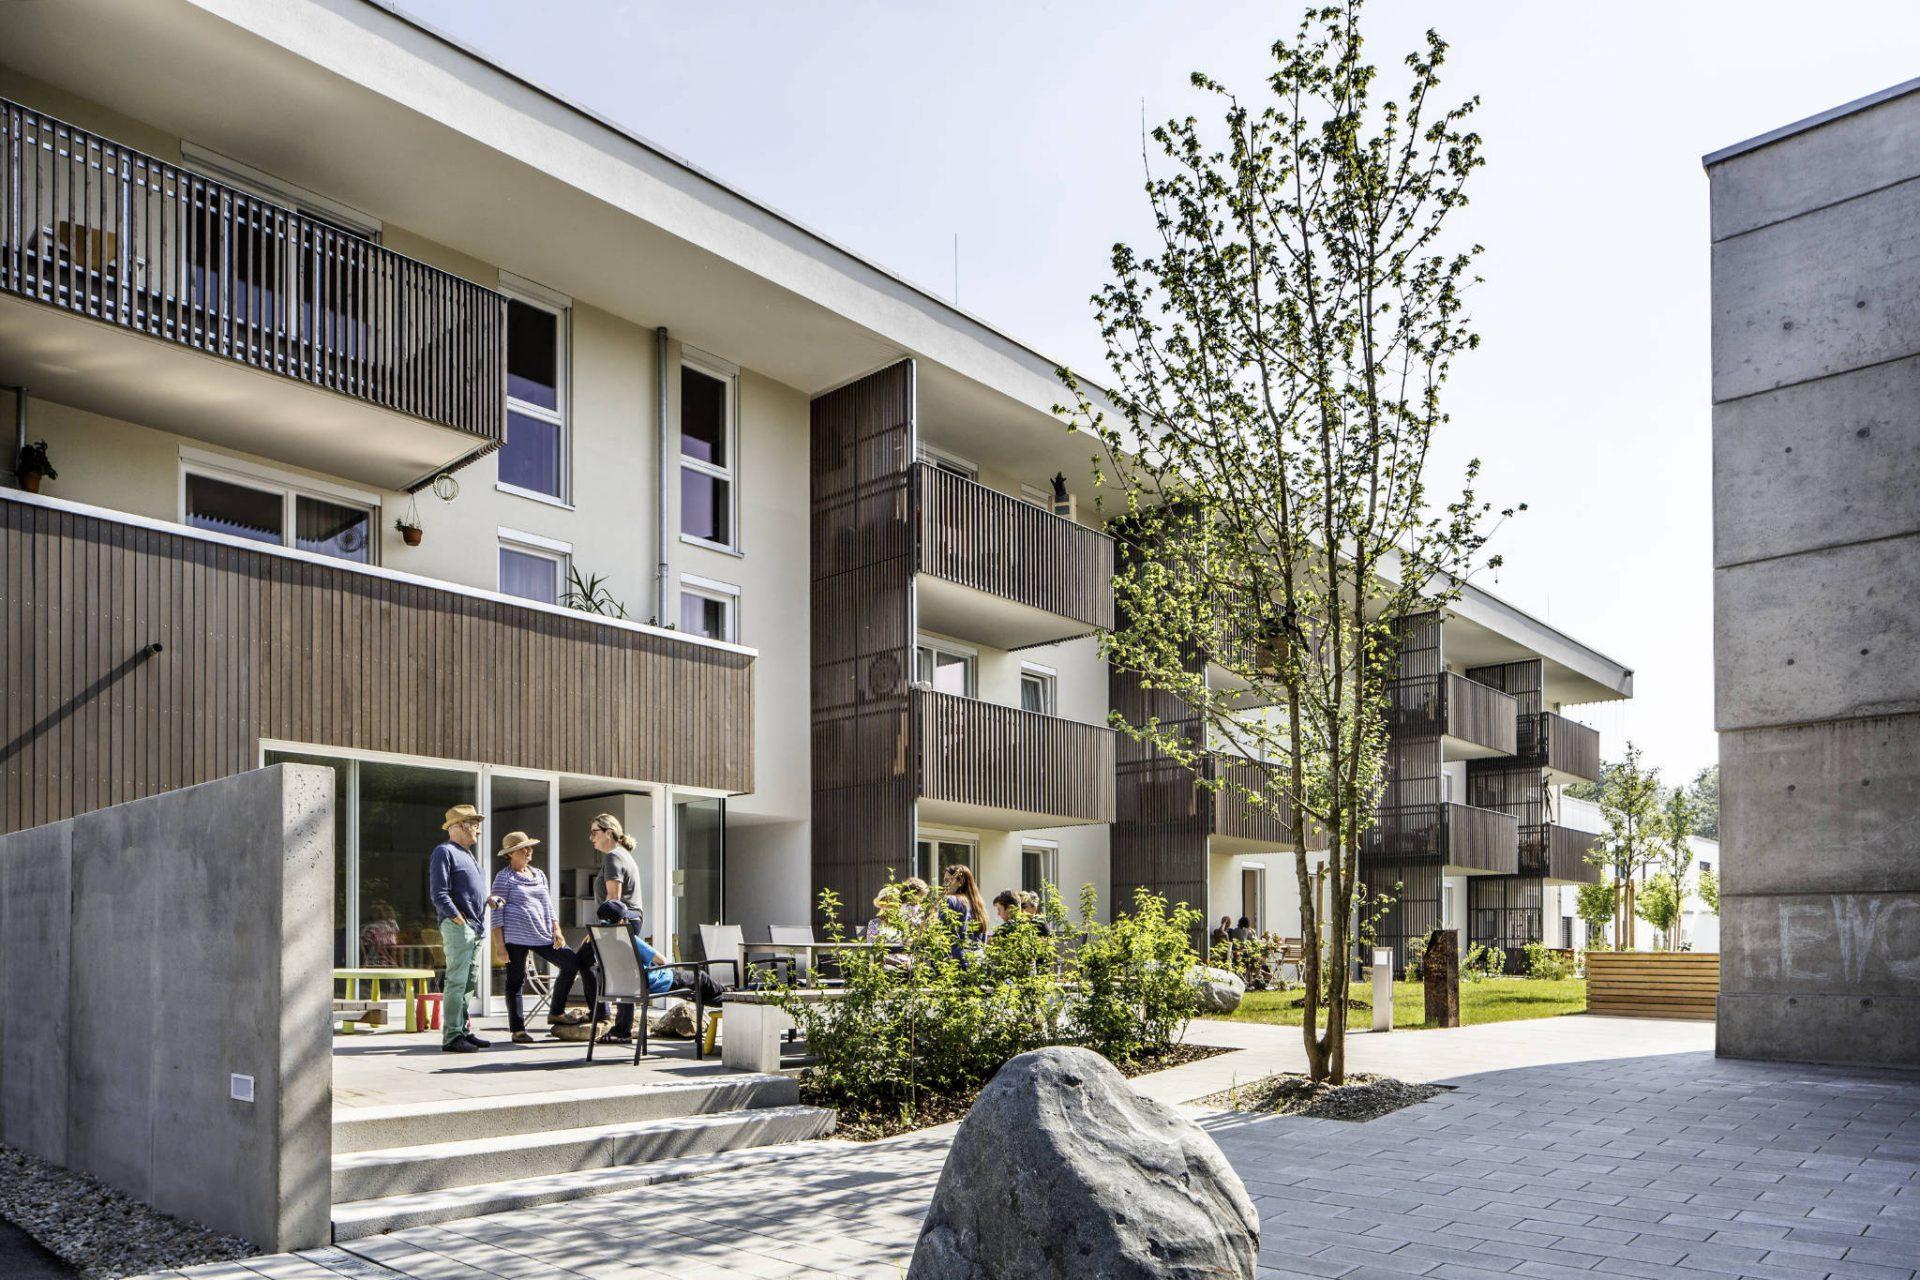 Gemeinschaftliches Wohnen an der Isar